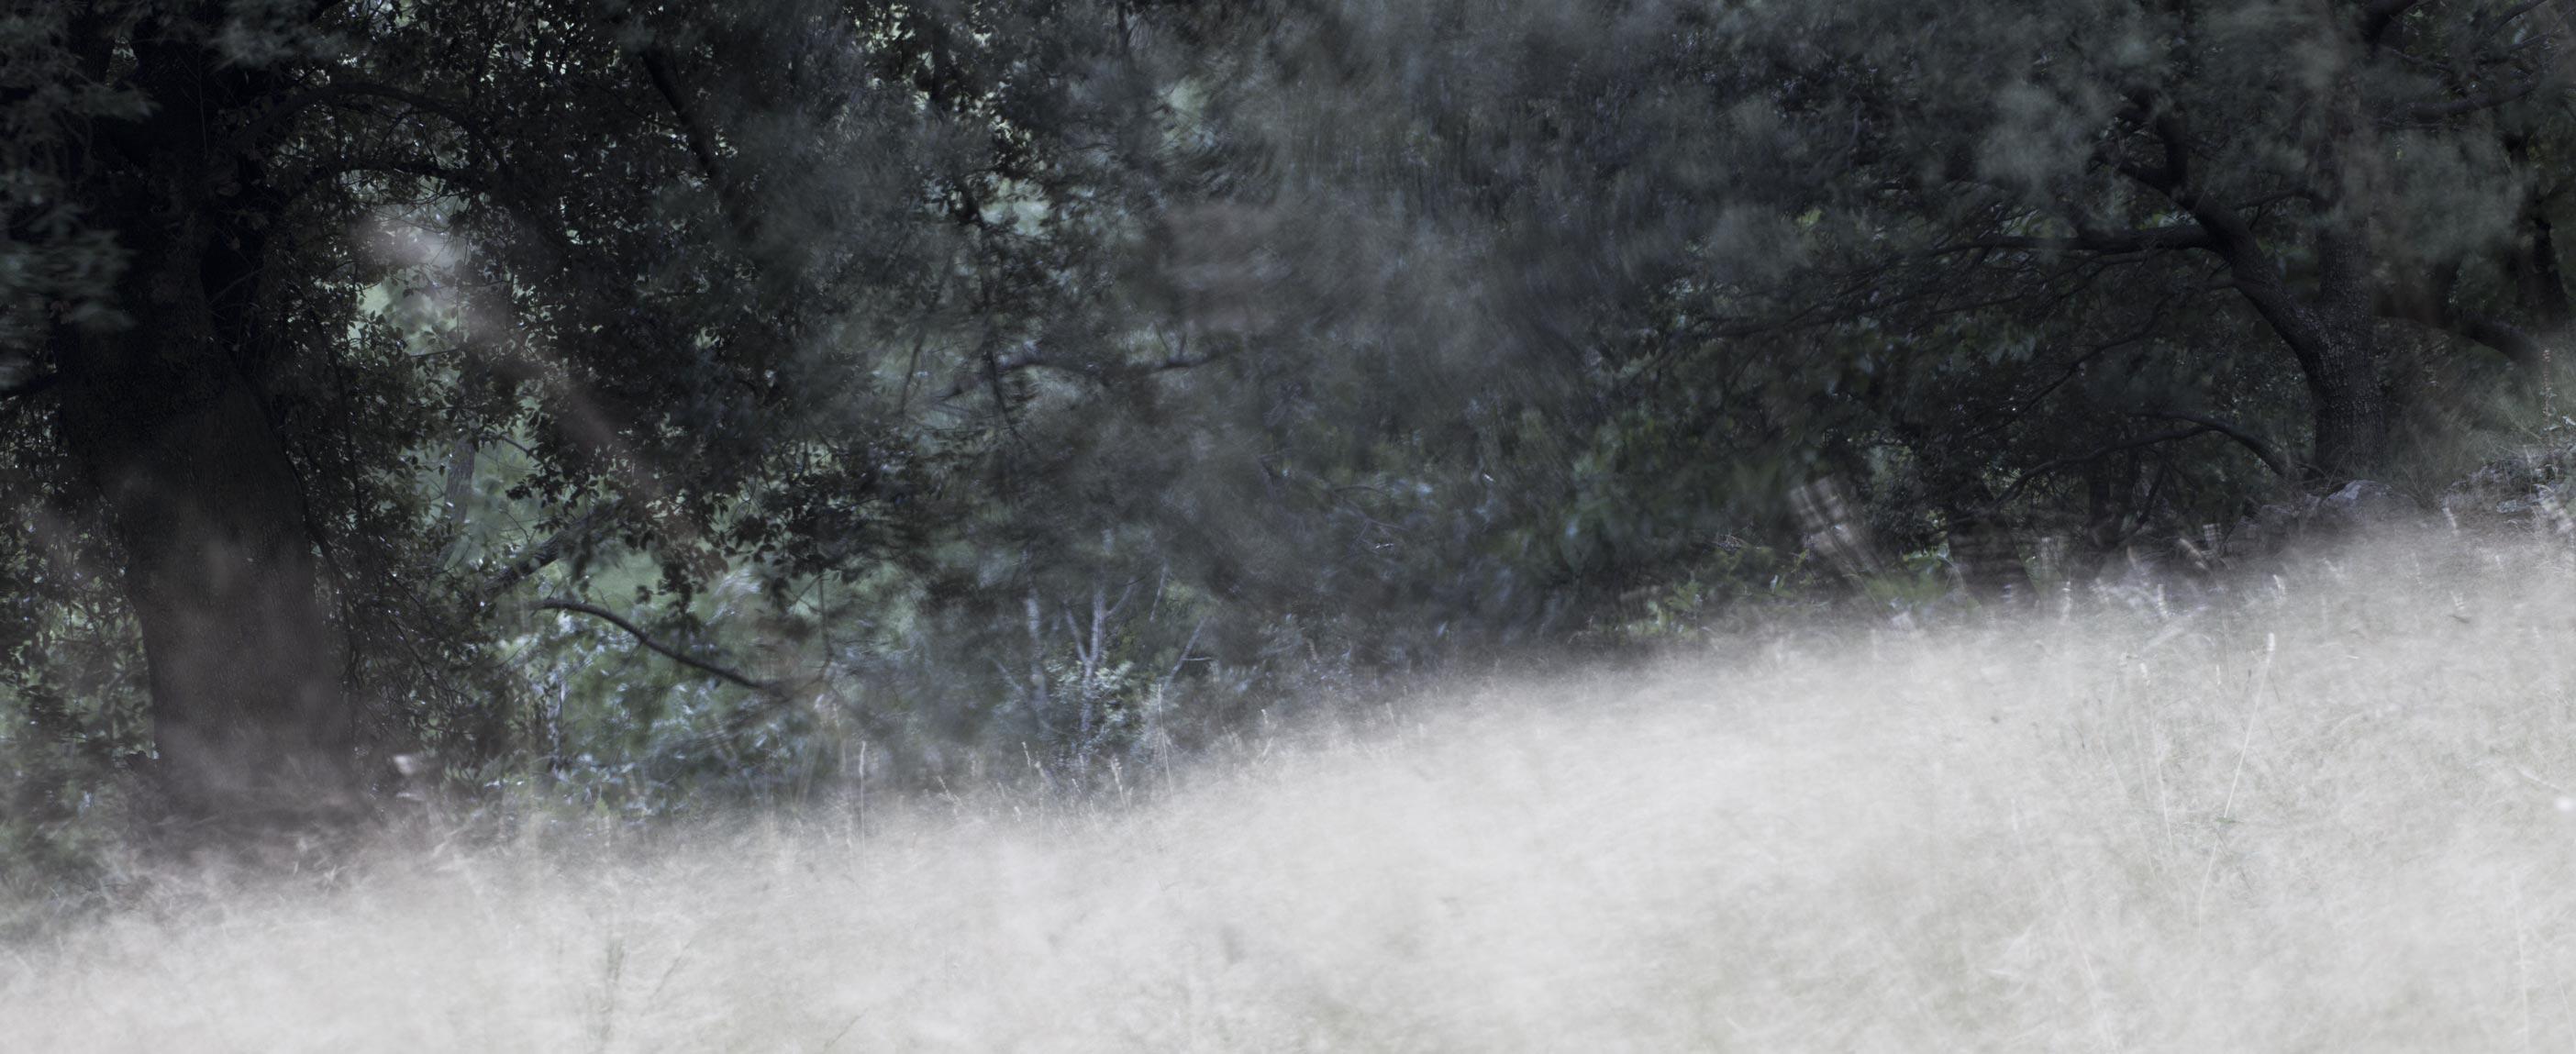 Wiese mit Bäumen Farbdia ca. 147x60cm, 2014